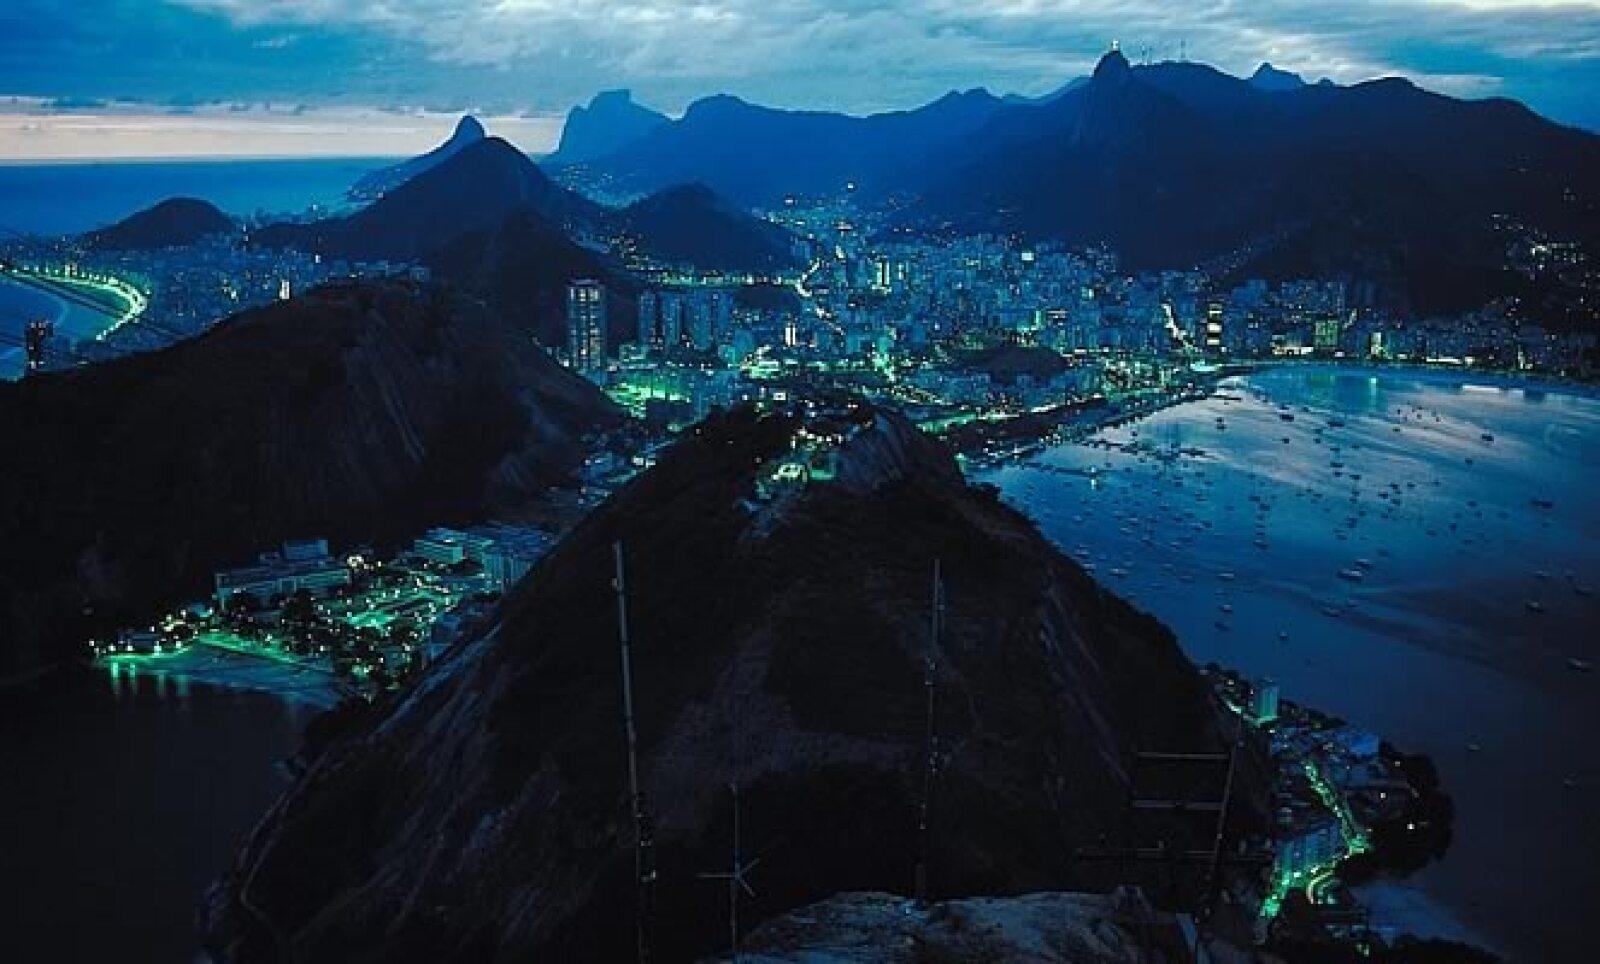 Río organizará los Juegos Olímpicos de 2016, convirtiéndose así en la primera ciudad sudamericana en recibir tal honor.